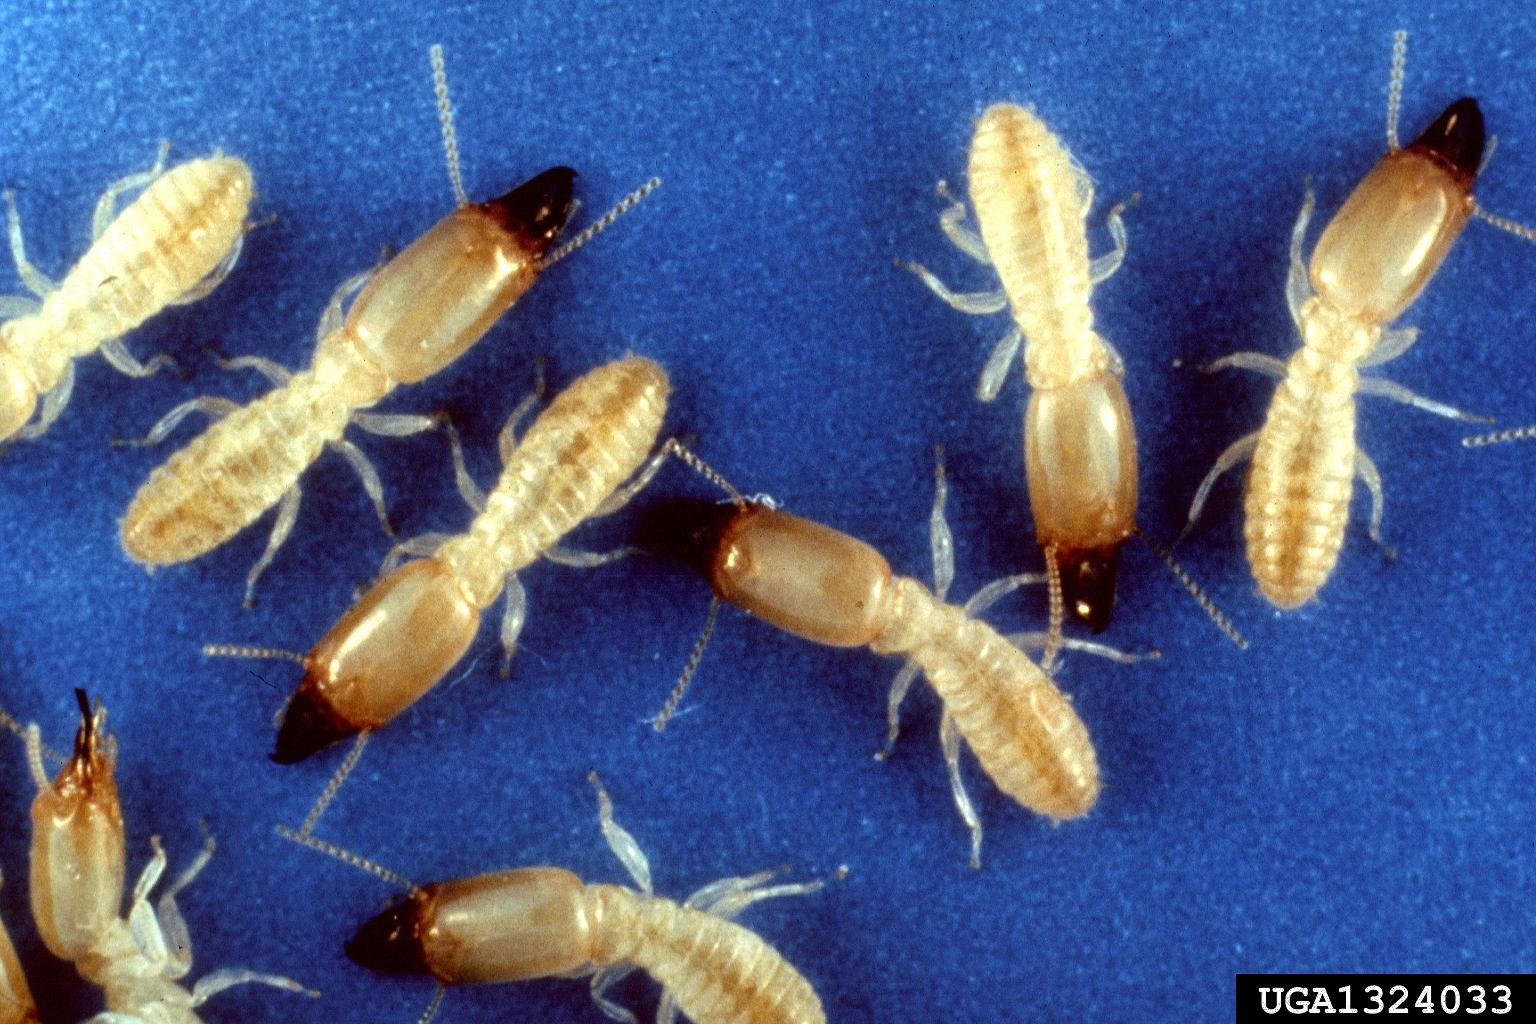 Subterrenean-termites PEST LIBRARY